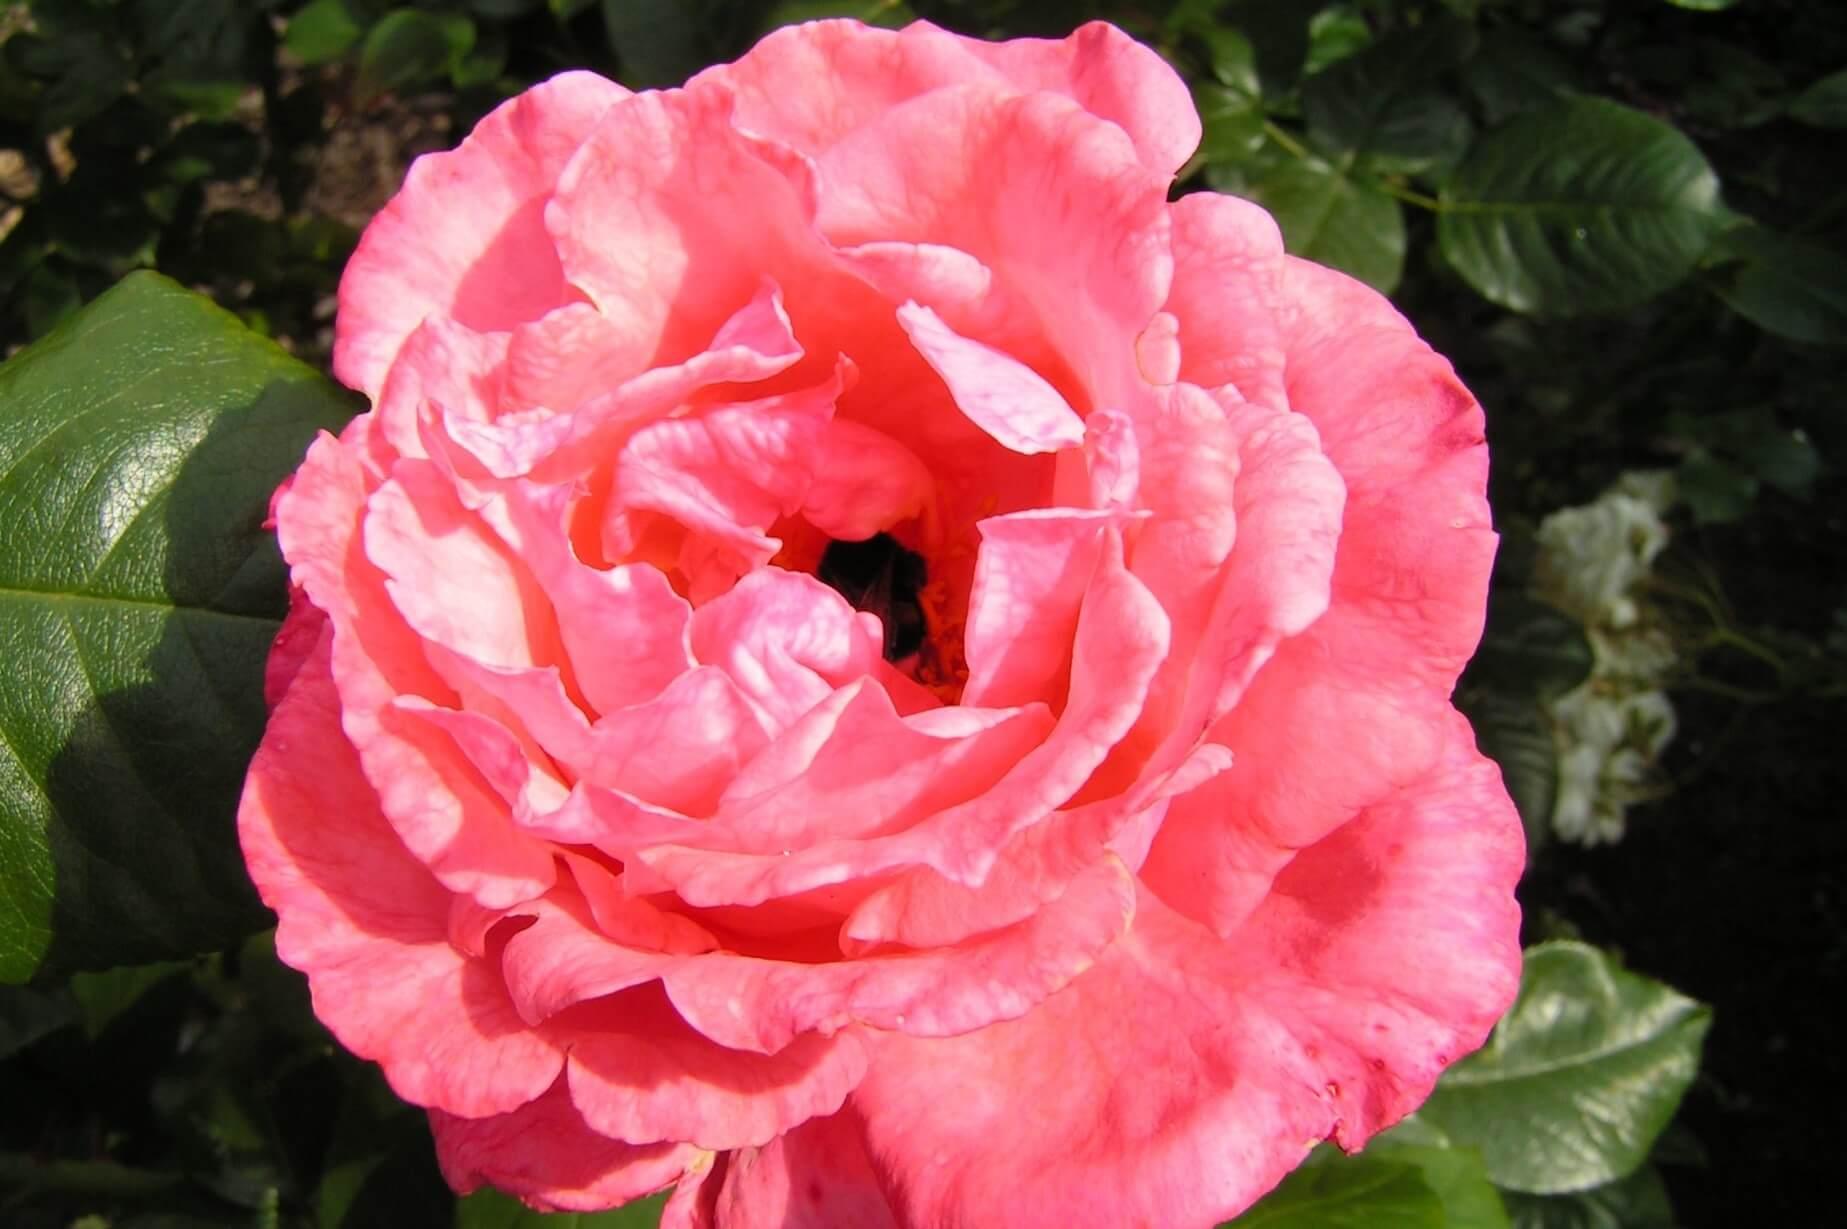 Ramira — двухцветный клаймбер, крупный плетистый кустарник с россыпью ярко-розовых бутонов